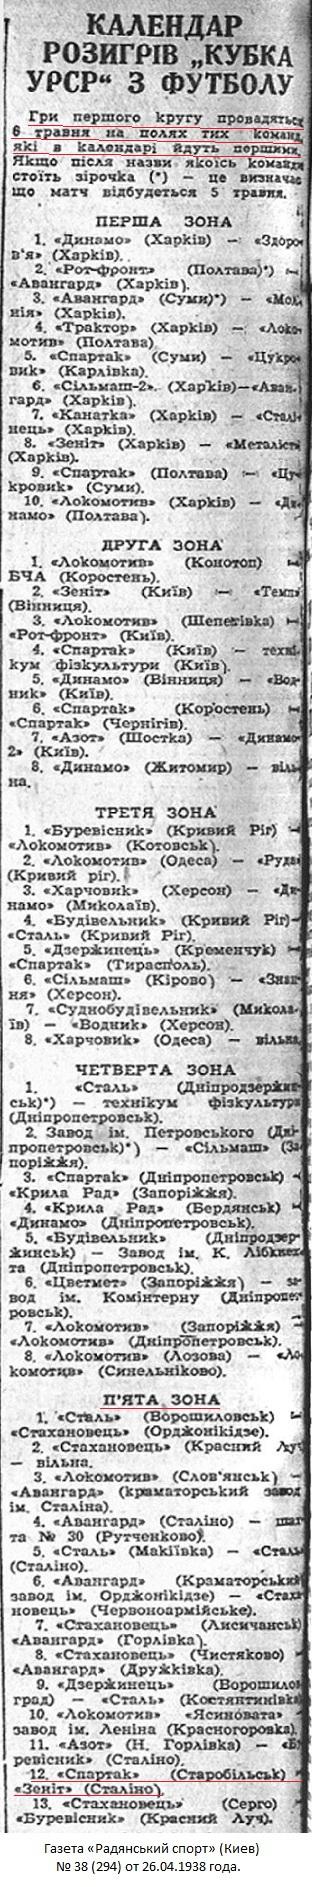 Спартак (Старобельск) - Зенит - завод им. А.А. Коваля (Сталино) 0:3